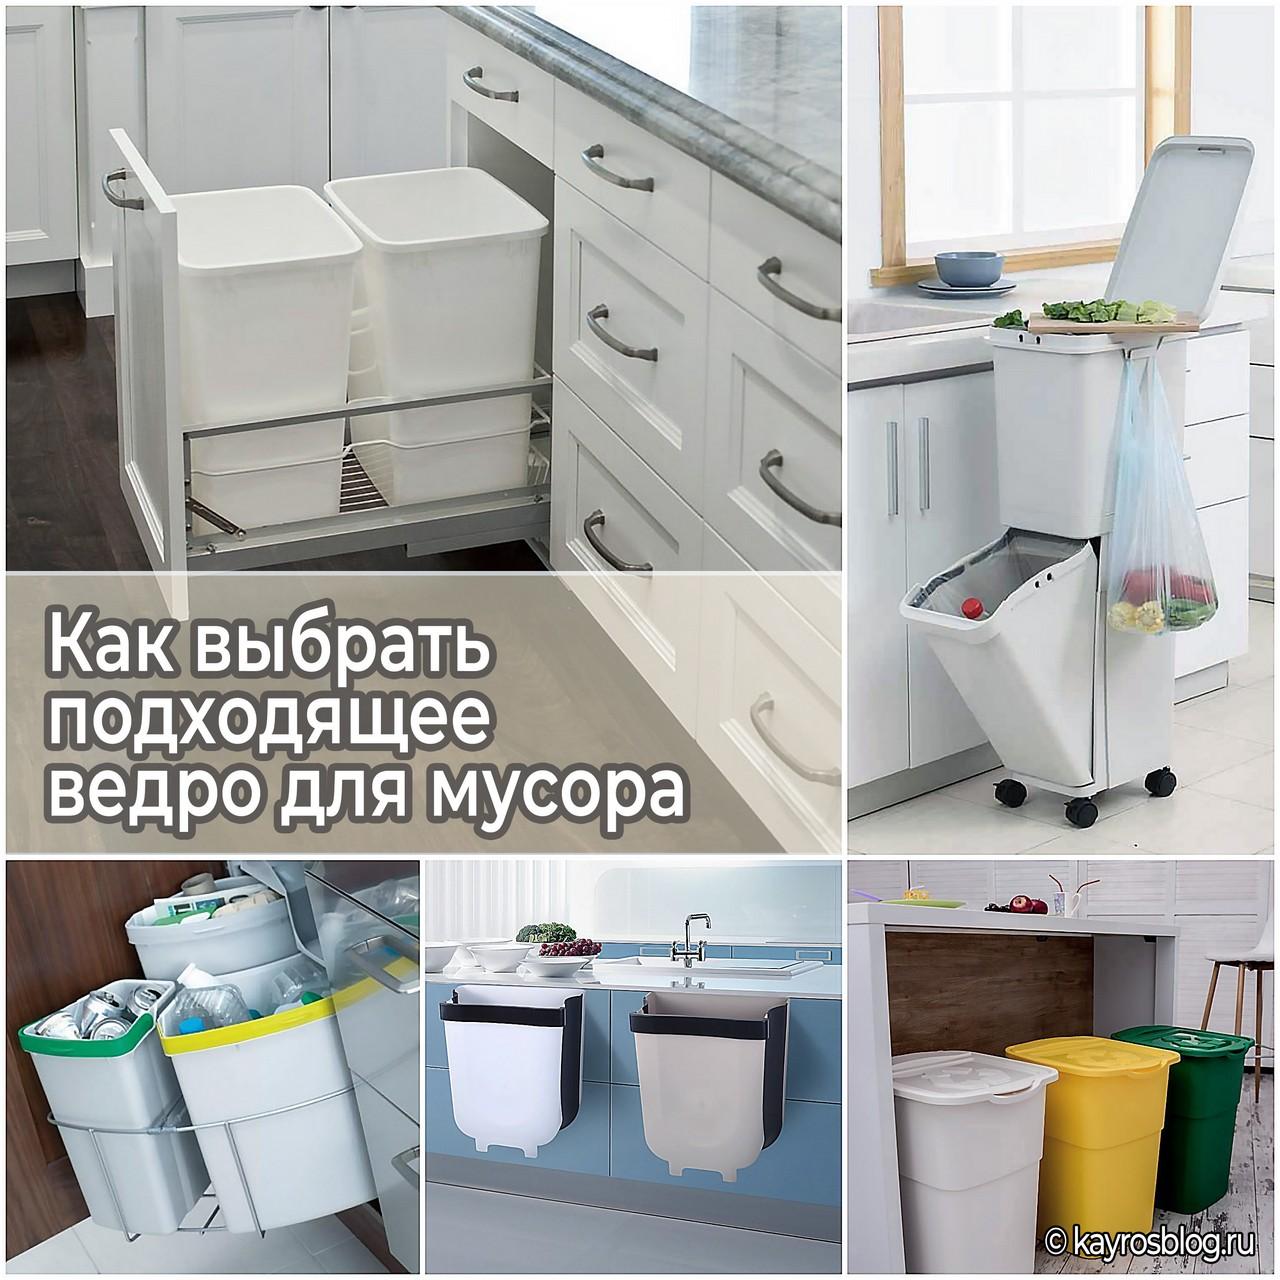 Как выбрать подходящее ведро для мусора